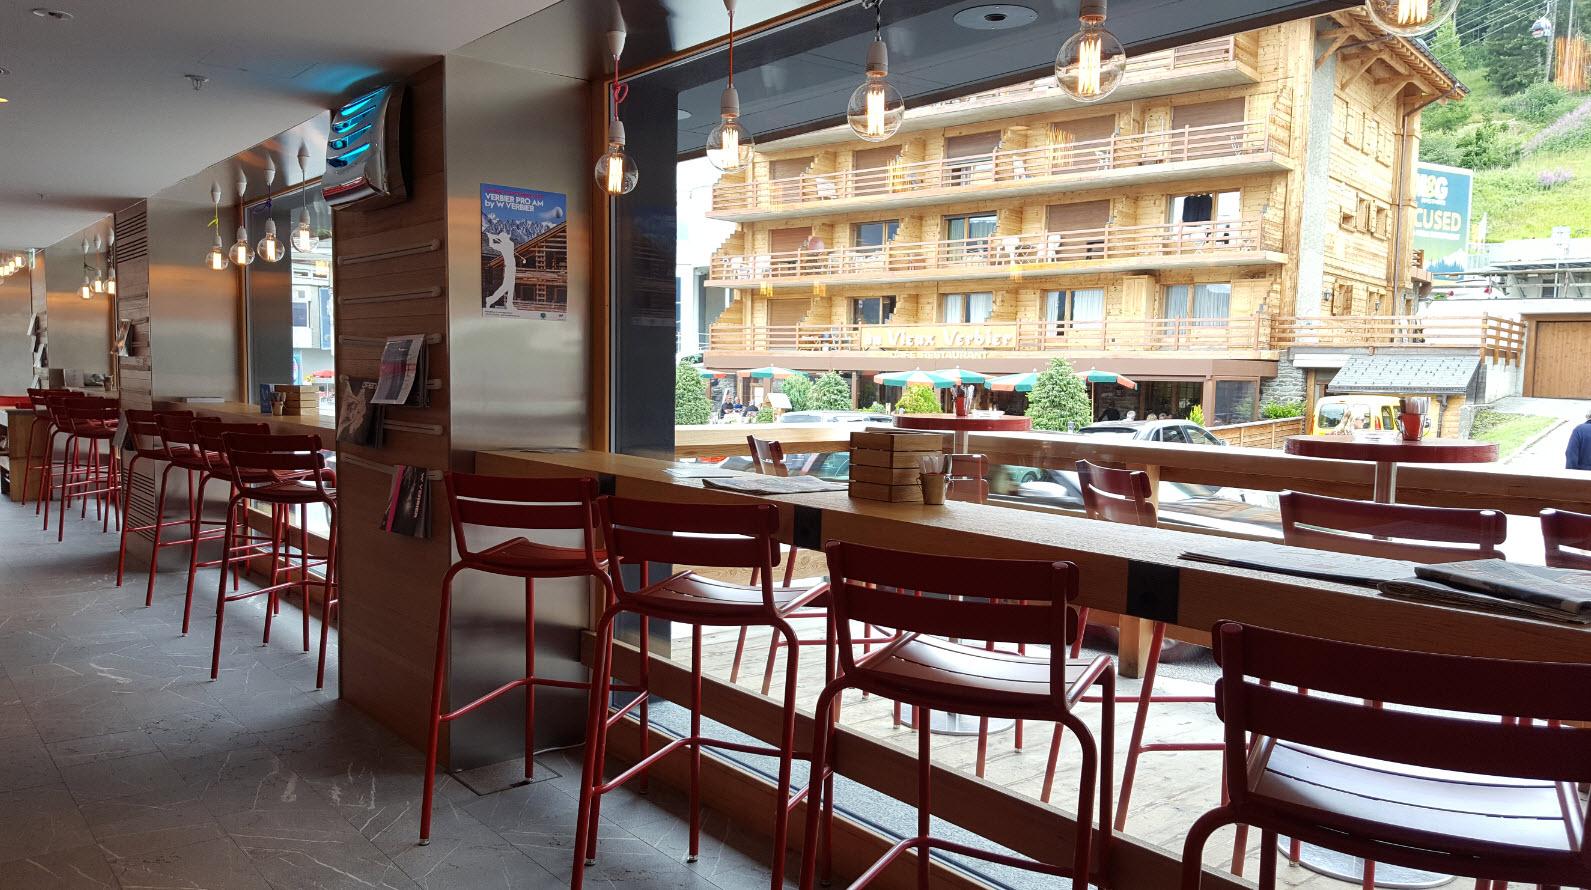 W Cafe interieur